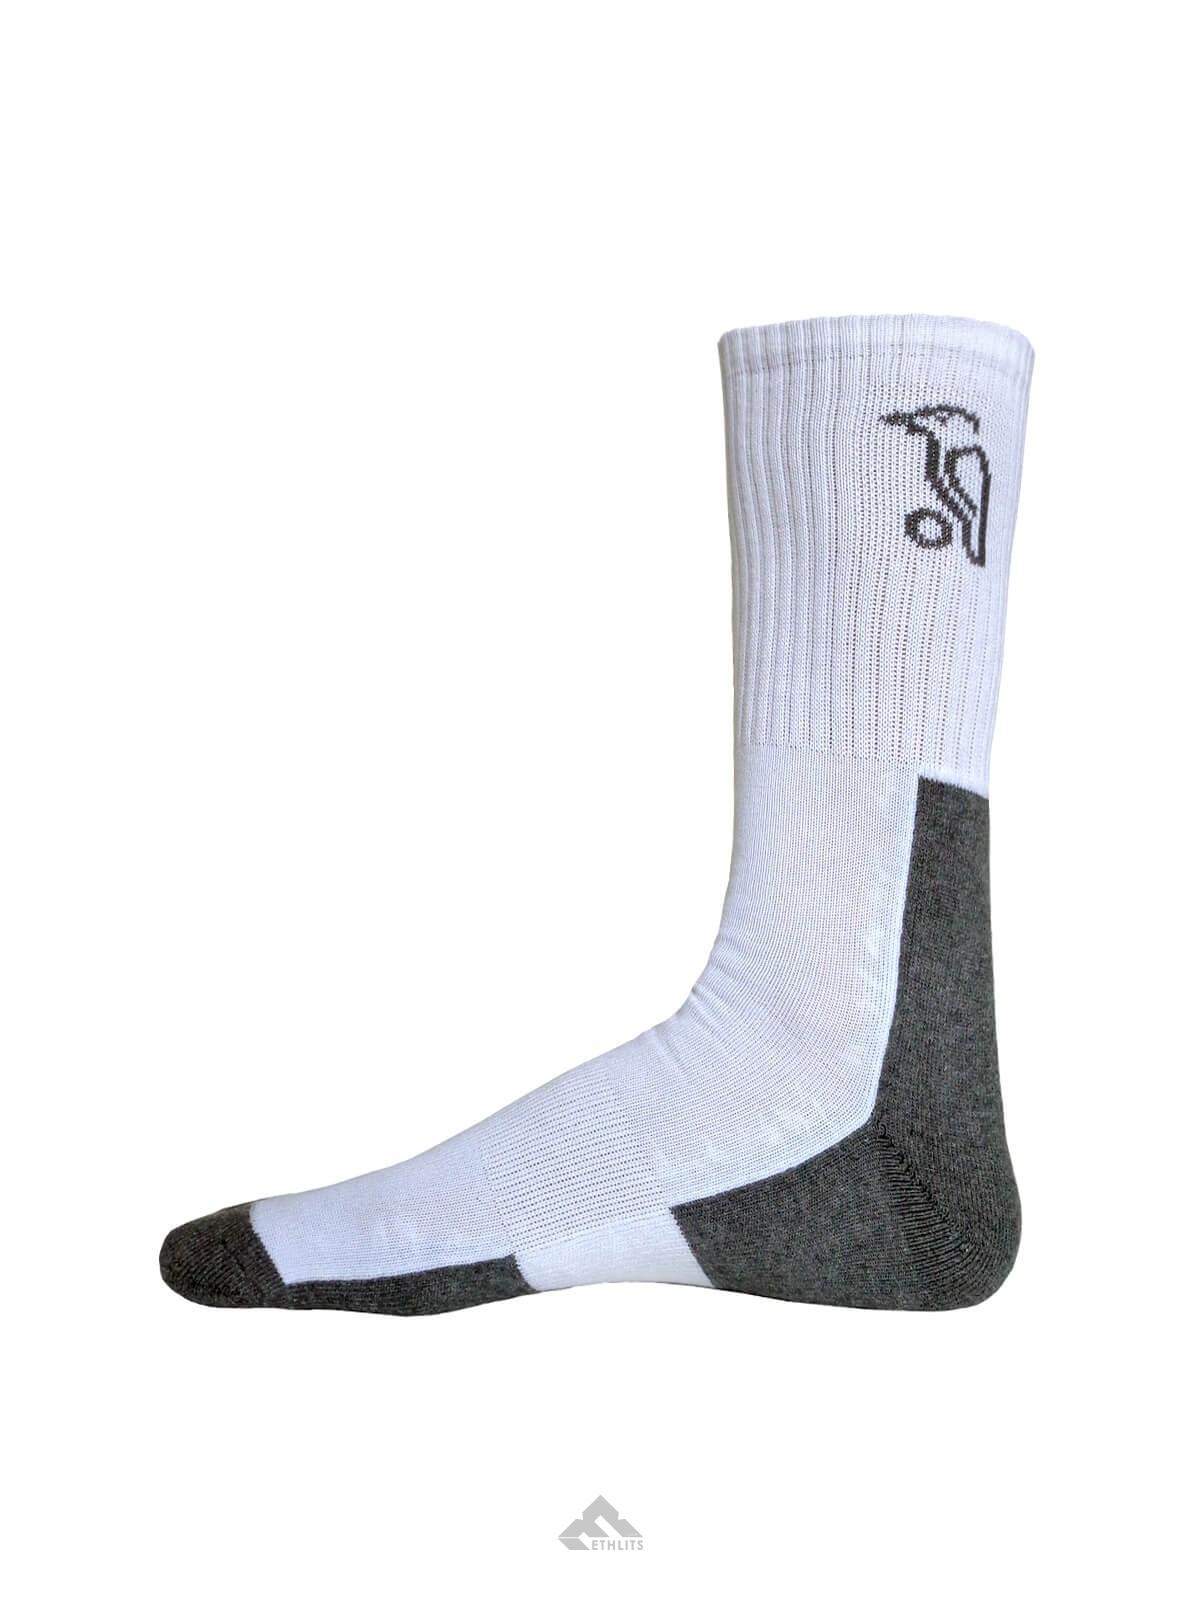 Kookaburra Cricket Sock